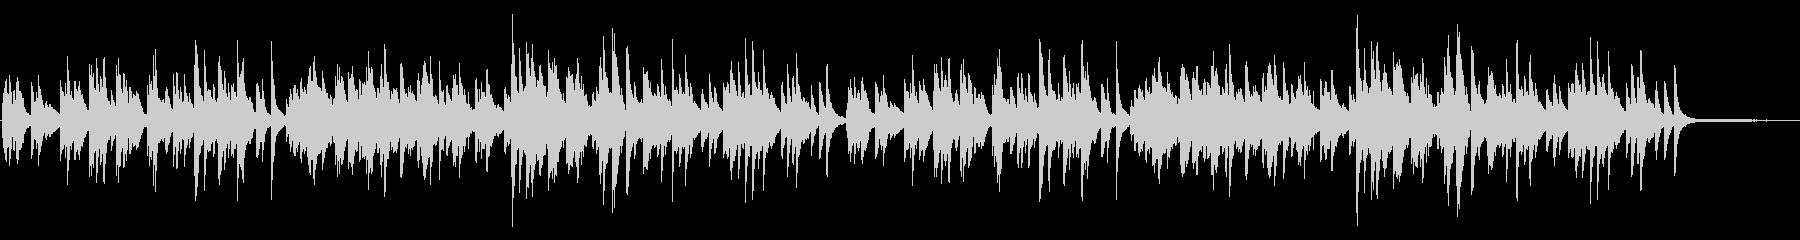 優しい雰囲気のピアノソロ 06の未再生の波形